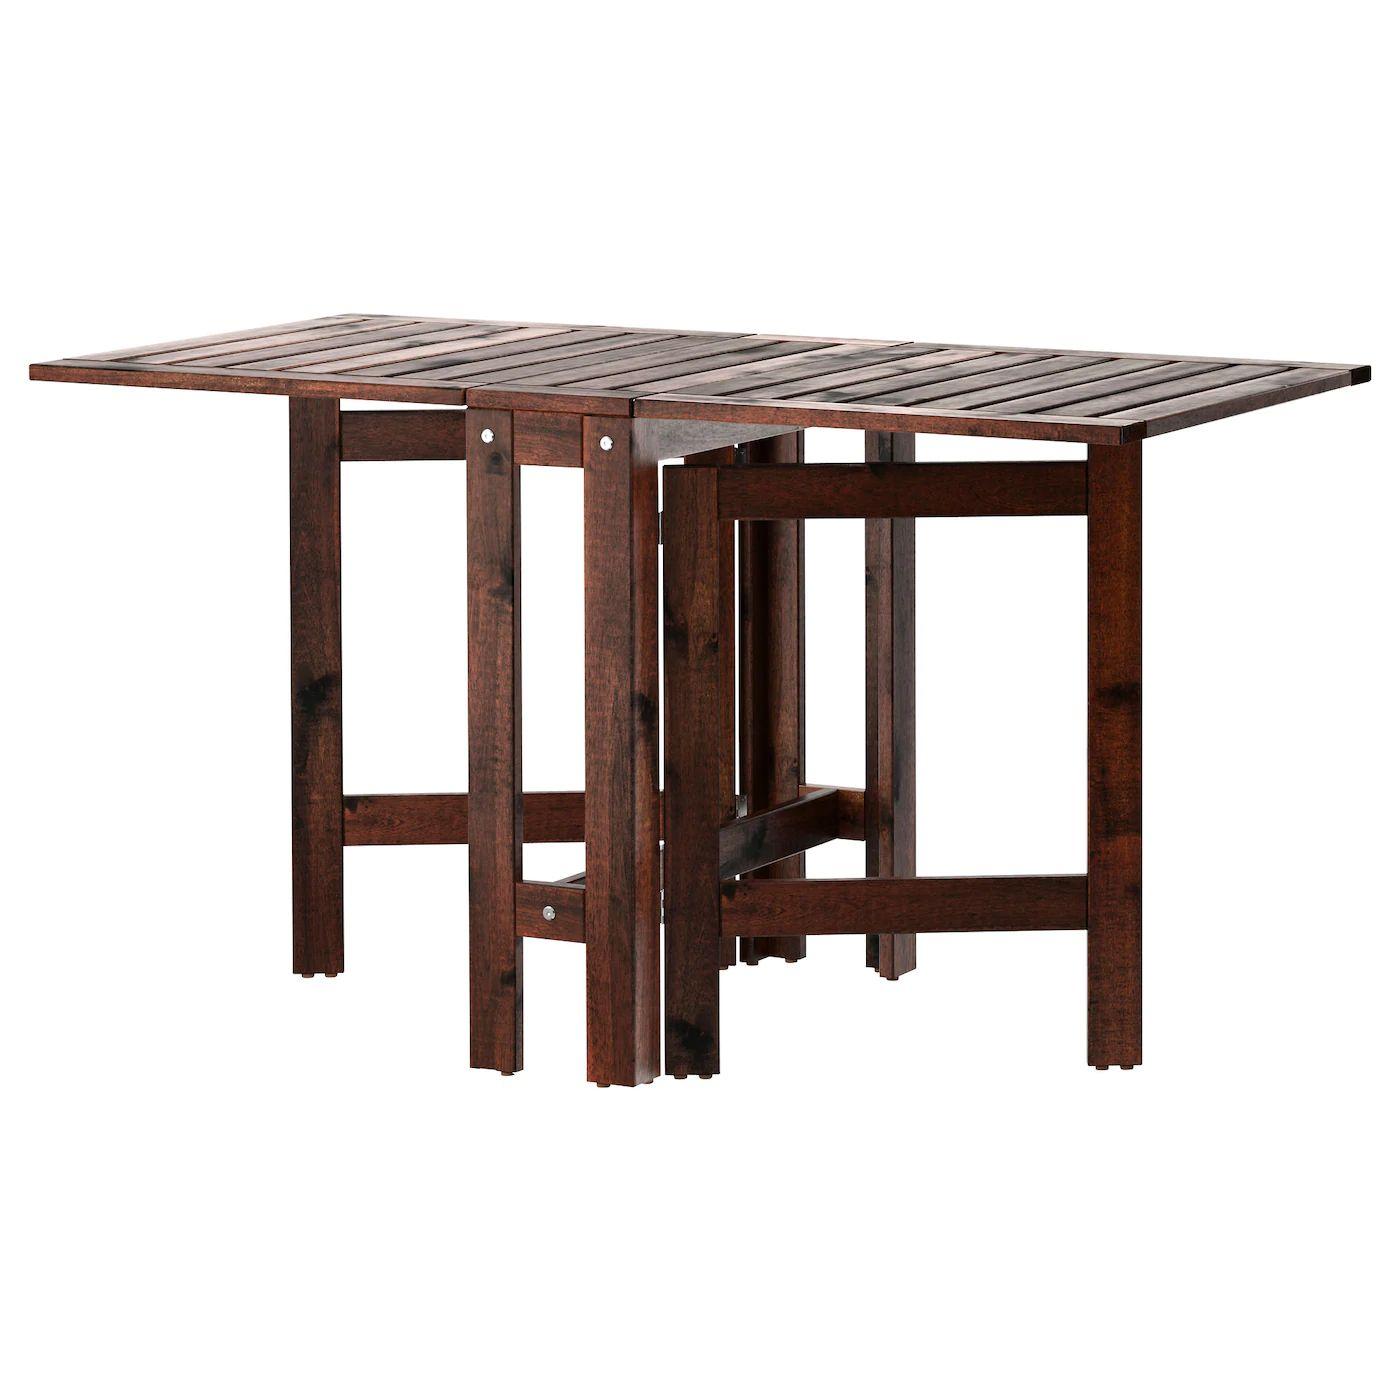 [Ikéa Family] Table pliante d'extérieur Äpplarö - Teintée brun, 20/77/133x62cm